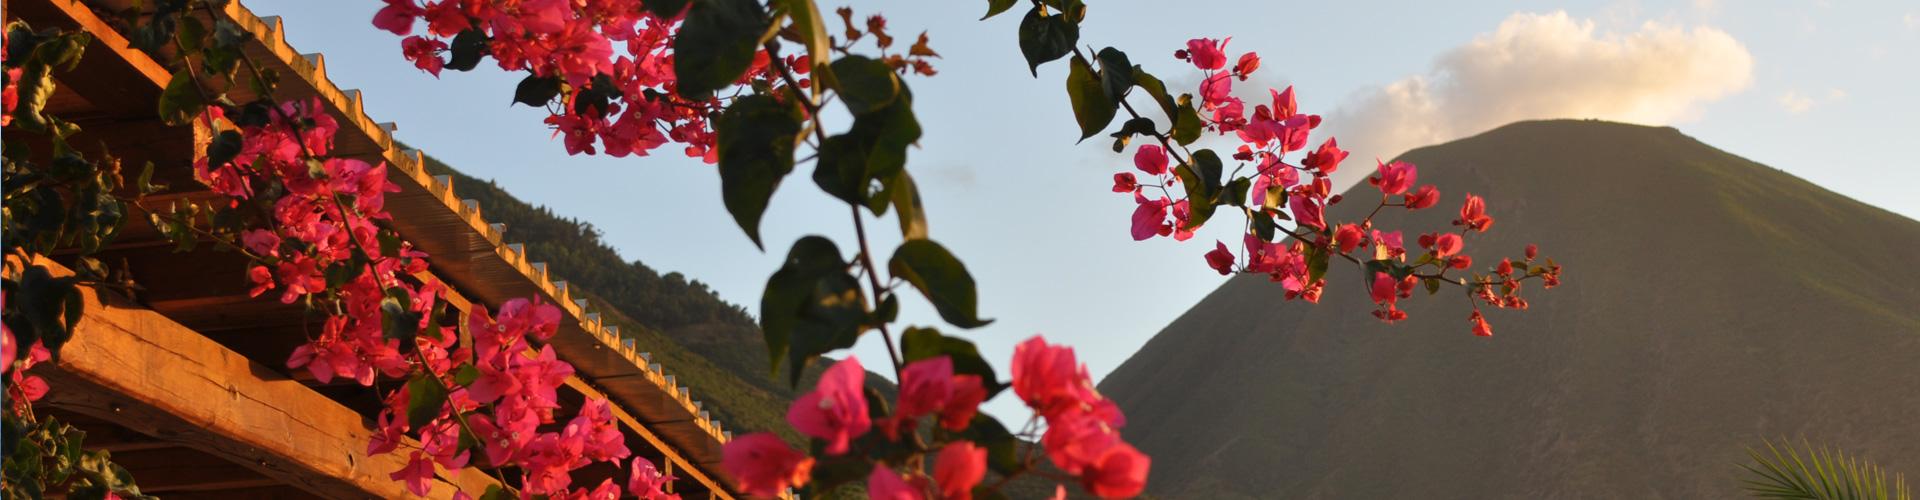 5 fiori